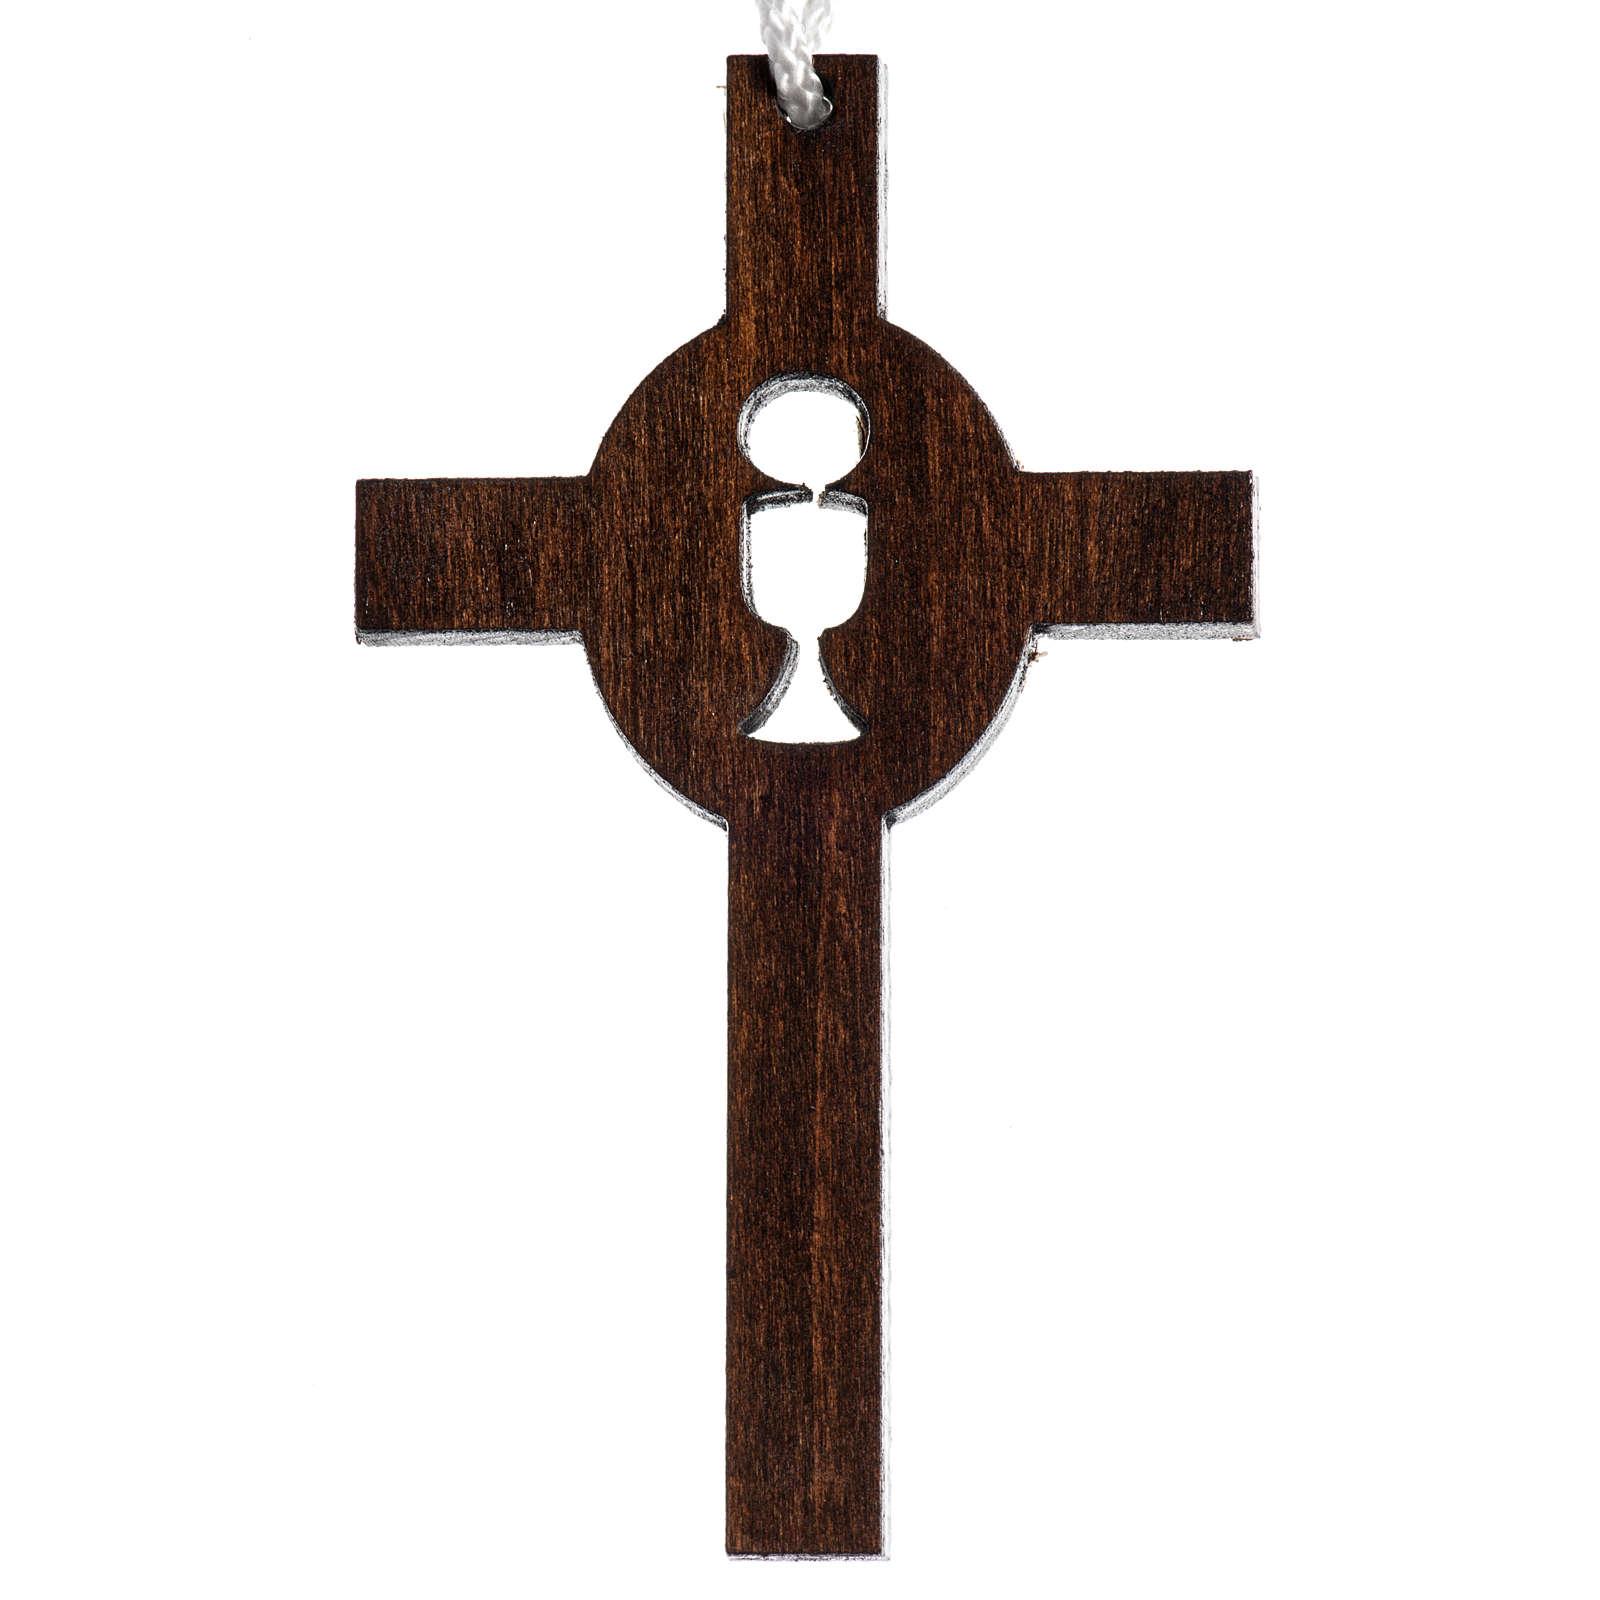 dunkles Holzkreuz für Erstkommunion durchbrochen gearbeitet, Motiv Kelch und Hostie 4